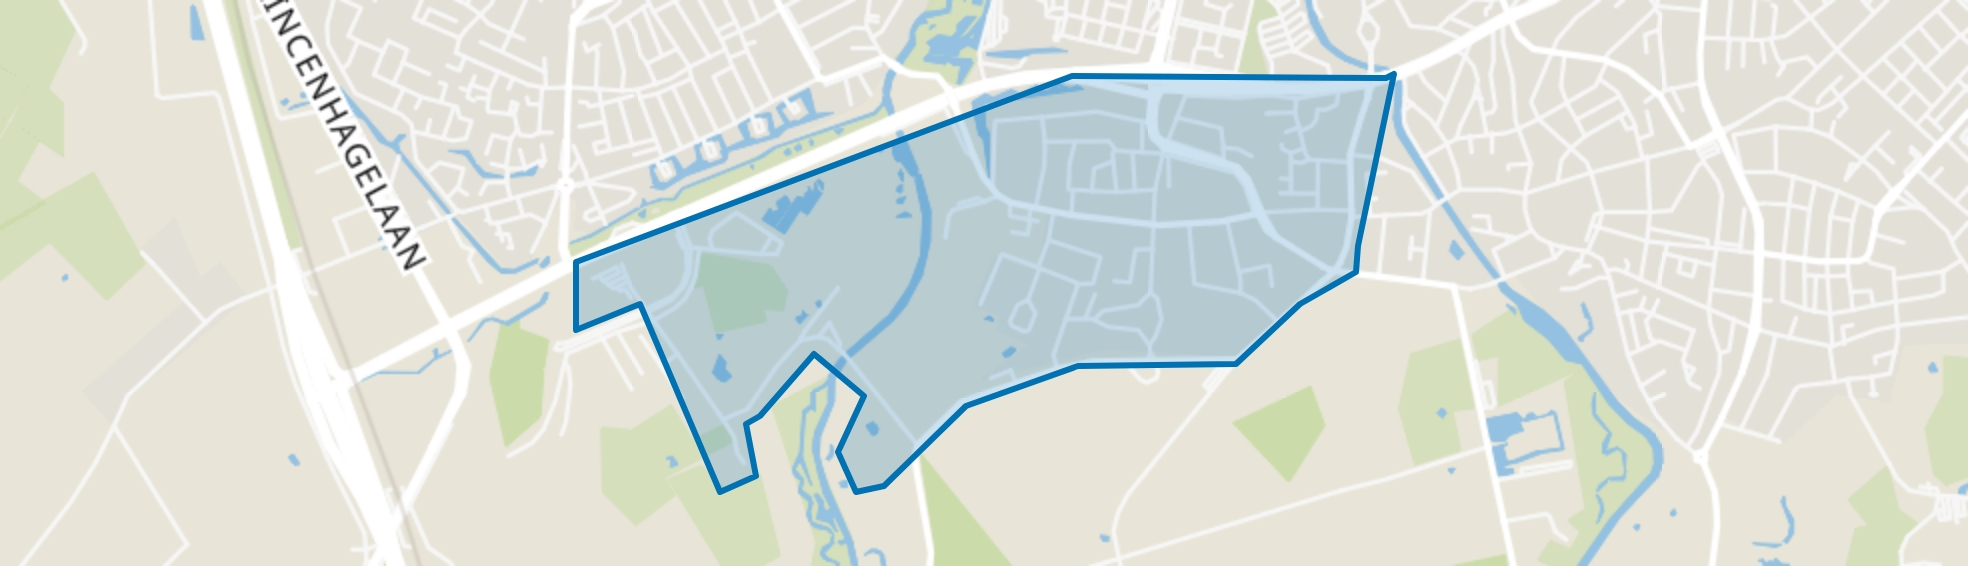 Ruitersbos, Breda map